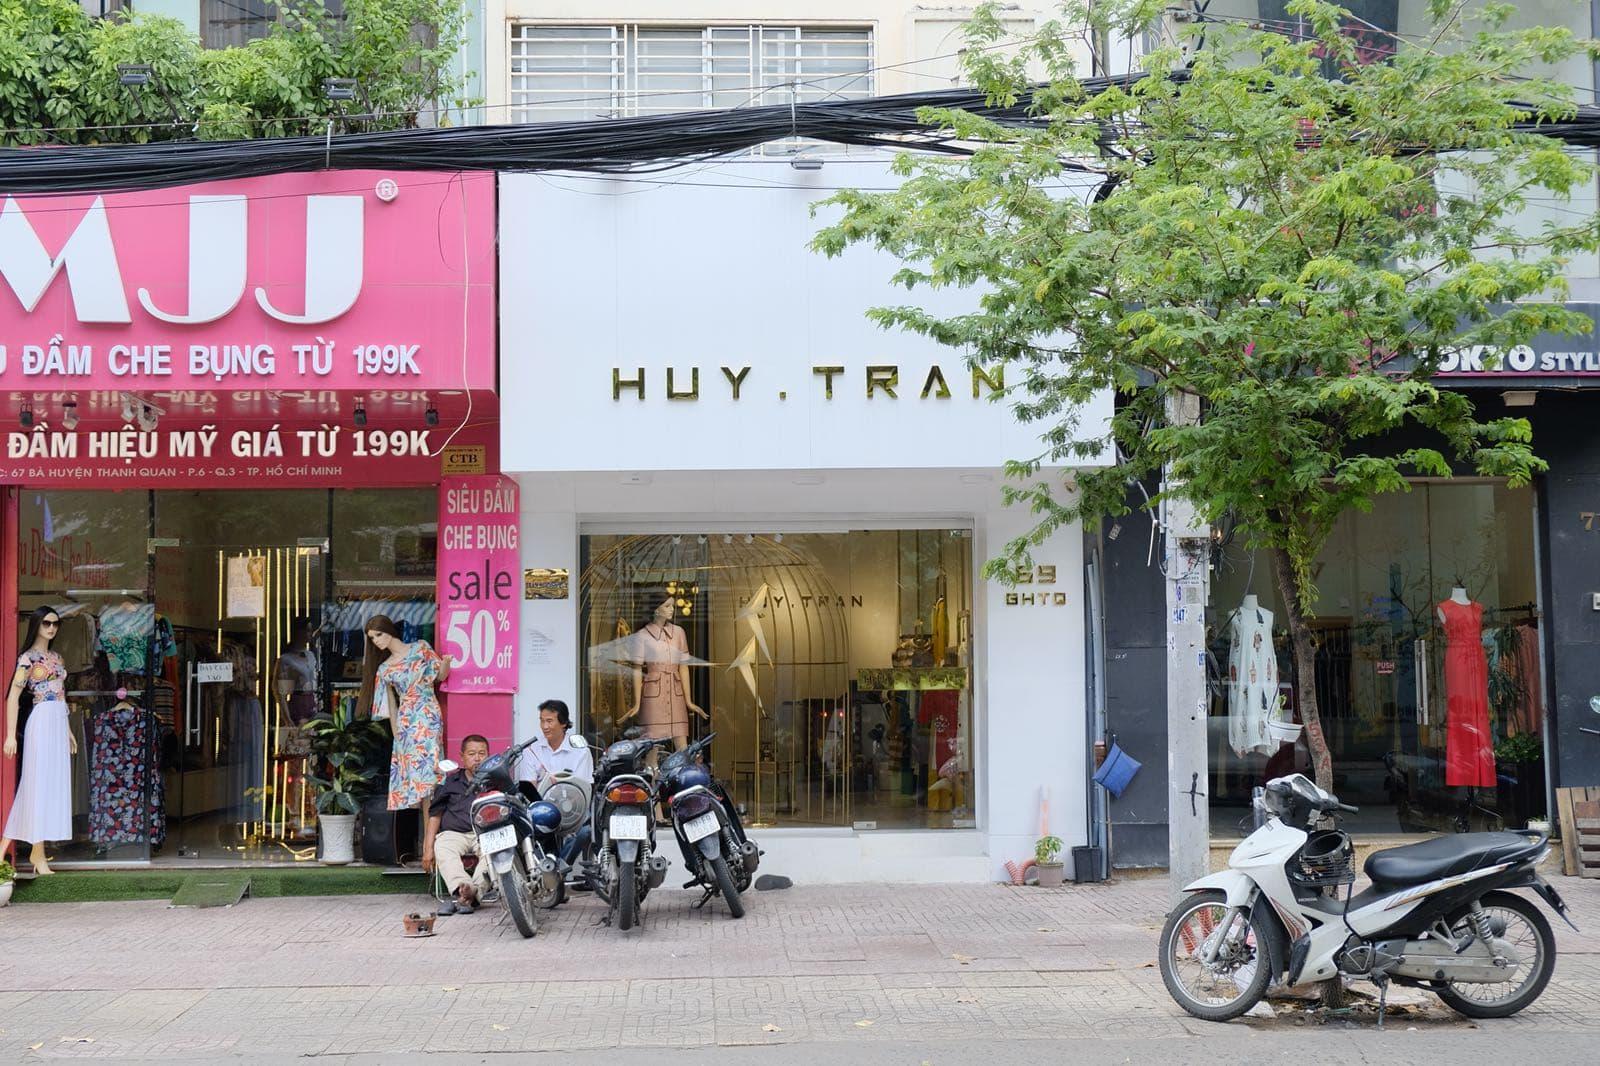 Negozio Huy Tran - Interior Design